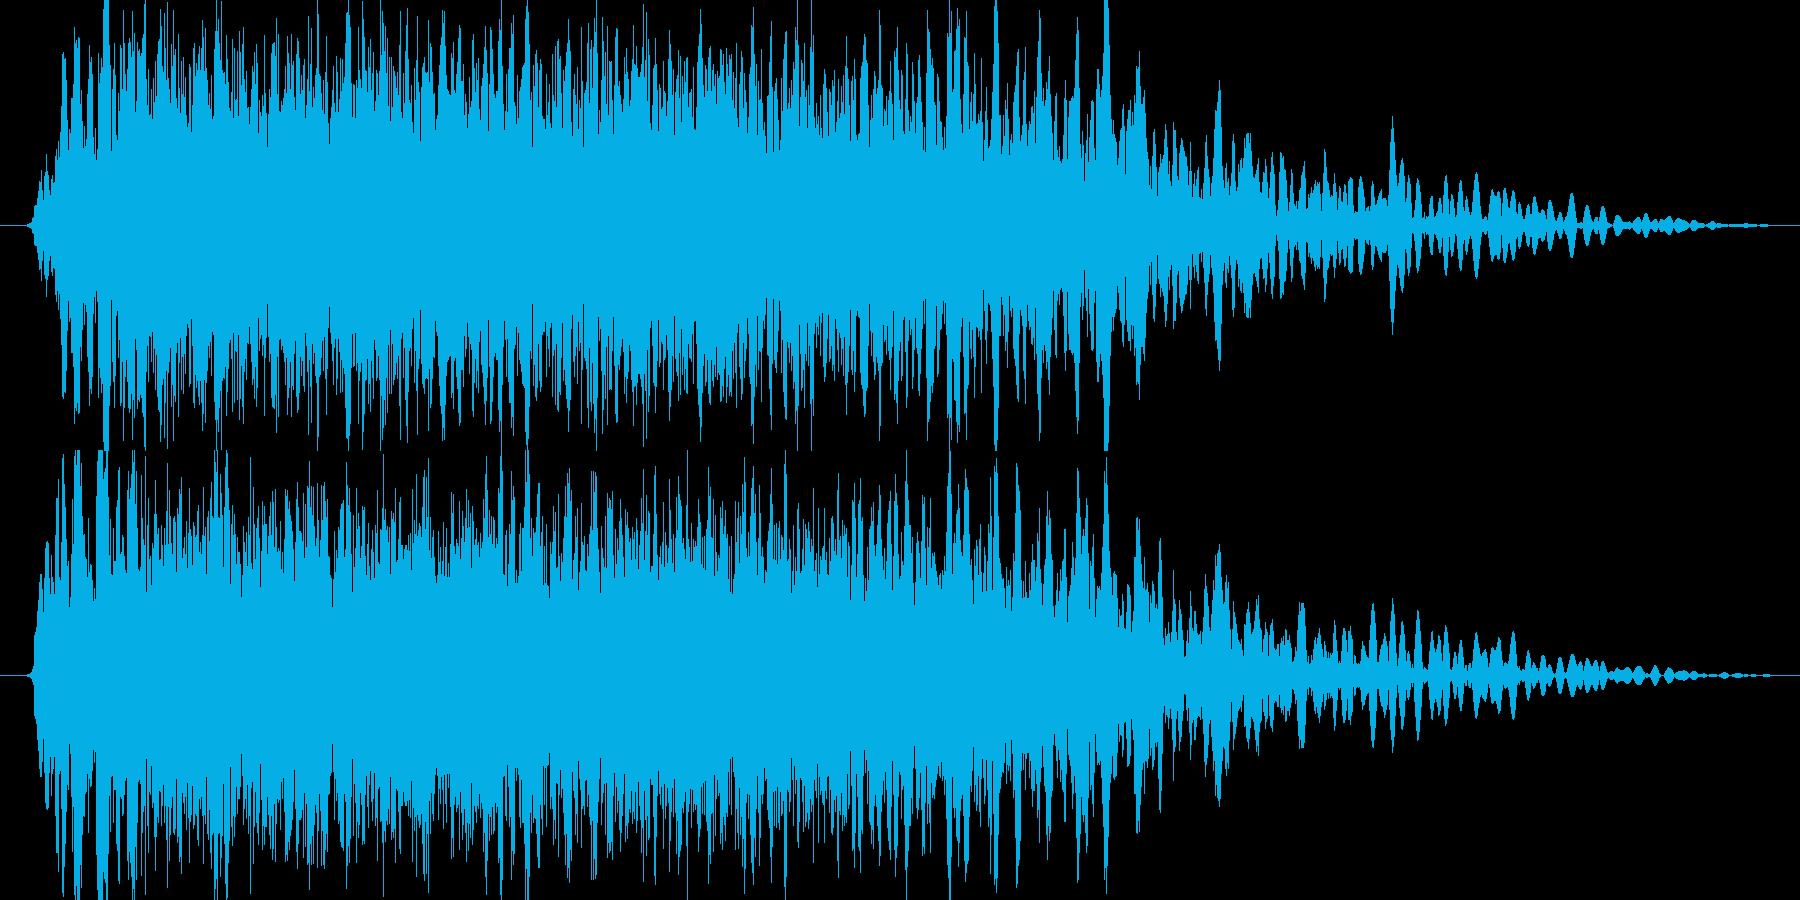 決定/ボタン押下音(爽快感重視)の再生済みの波形